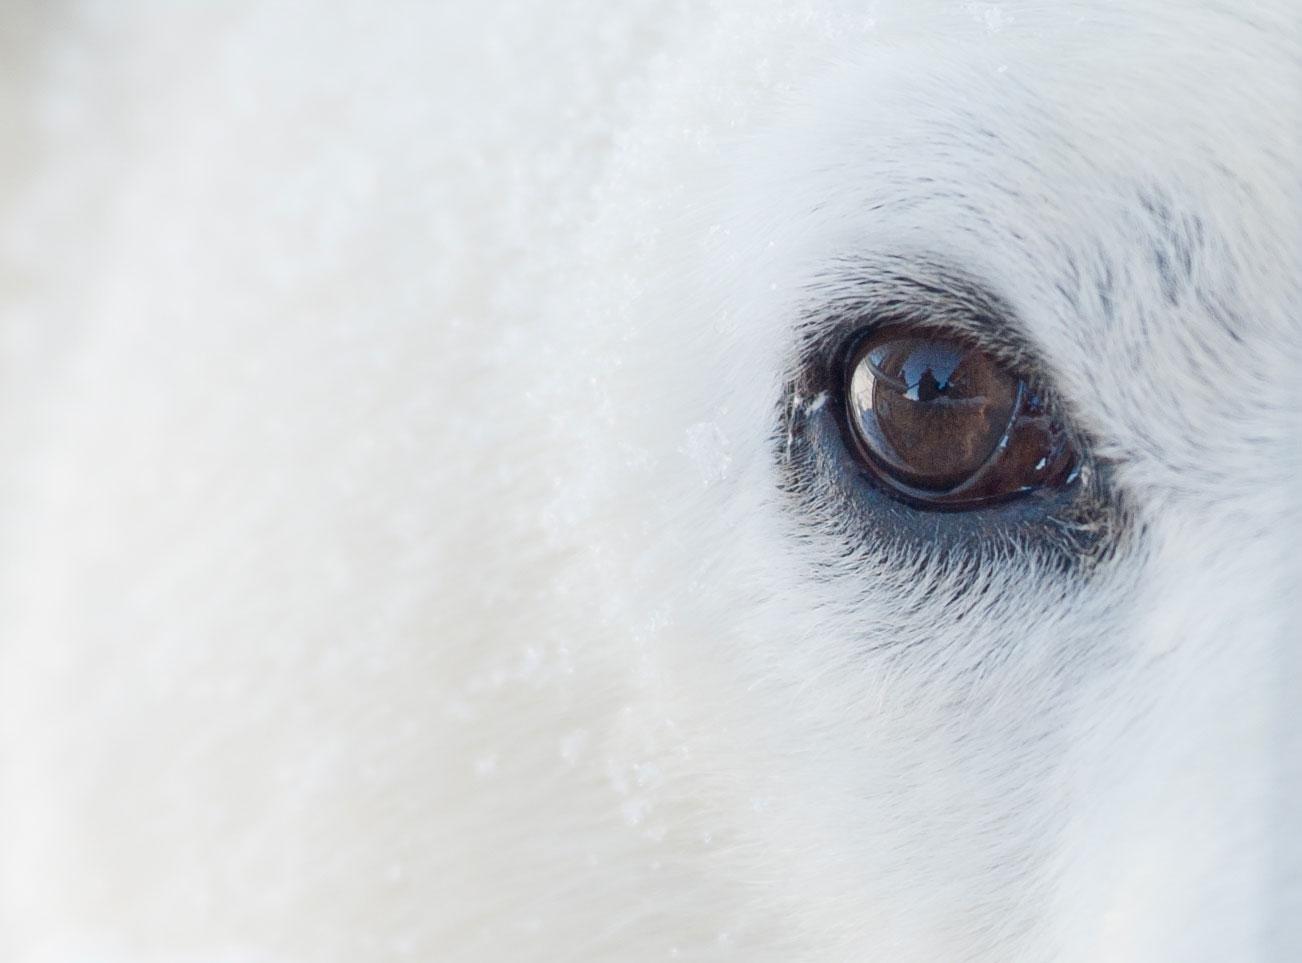 Eye-of-Polar-Bear